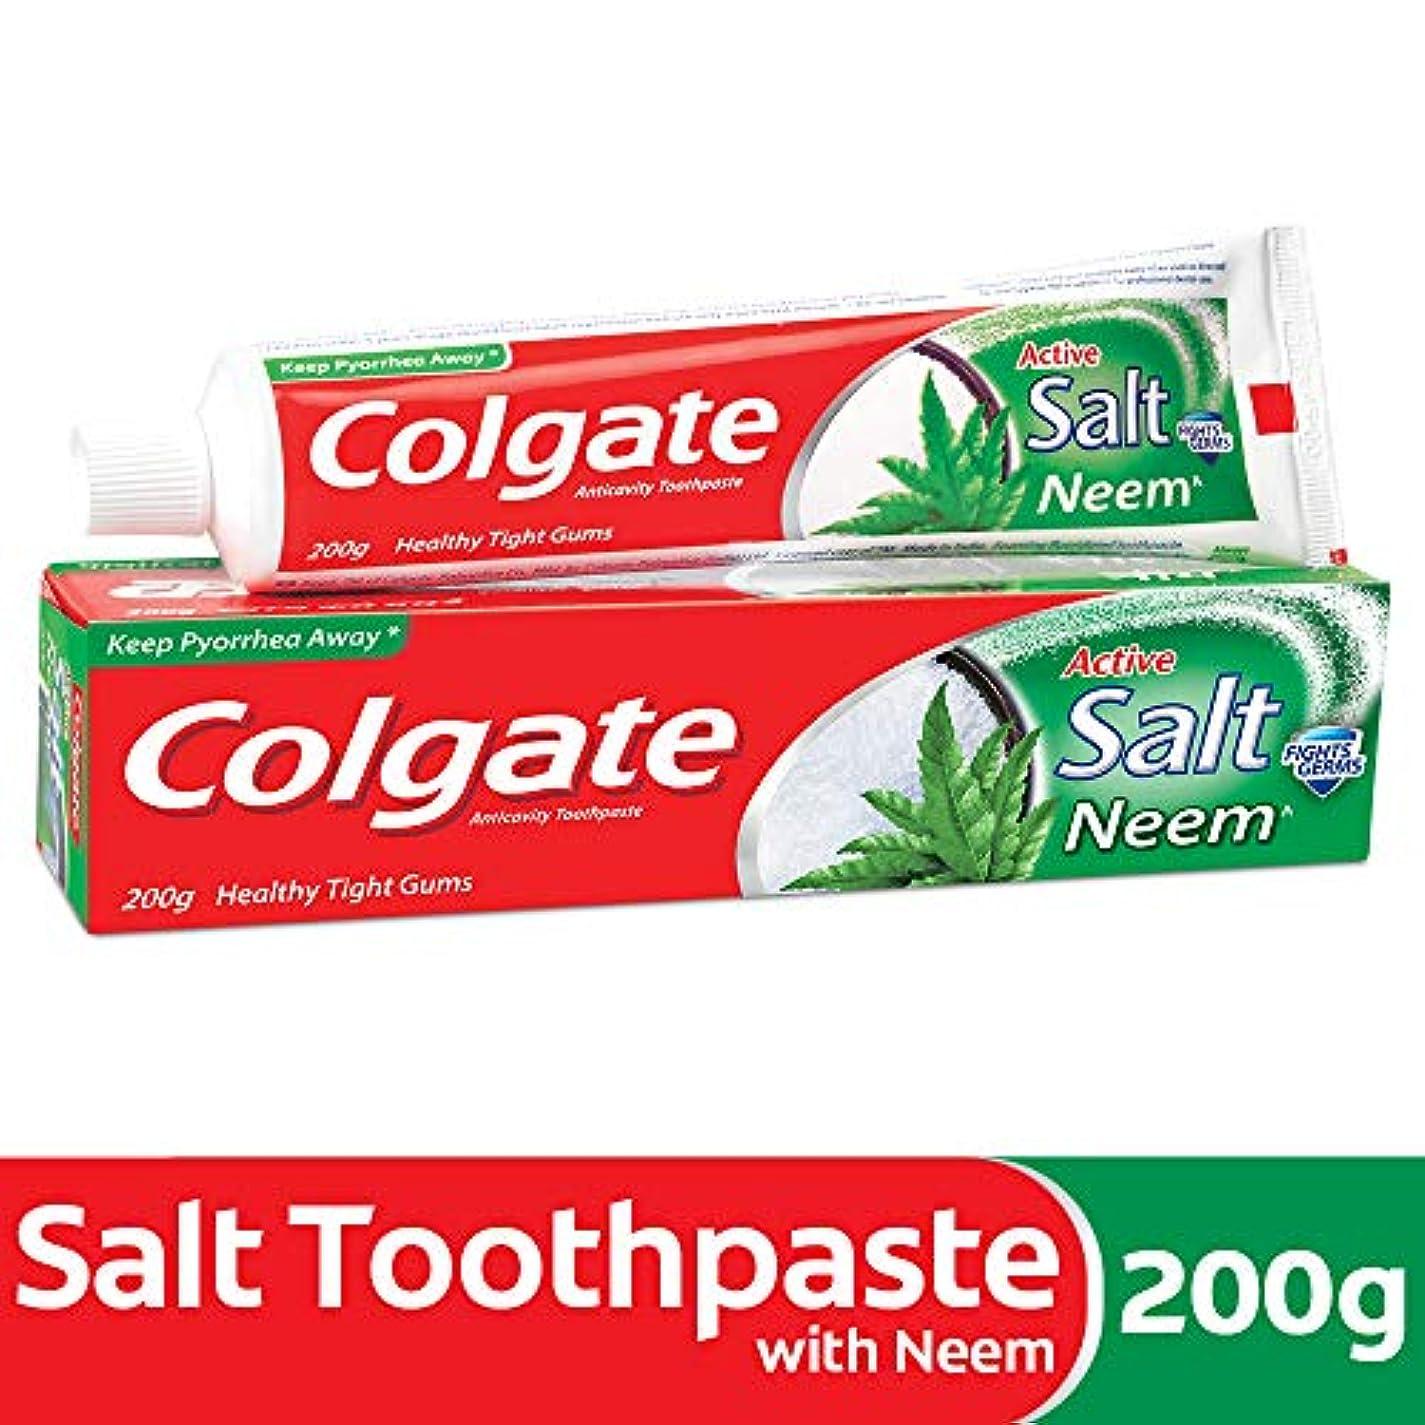 血まみれ偏見勇者Colgate Active Salt Neem Anticavity Toothpaste - 200g